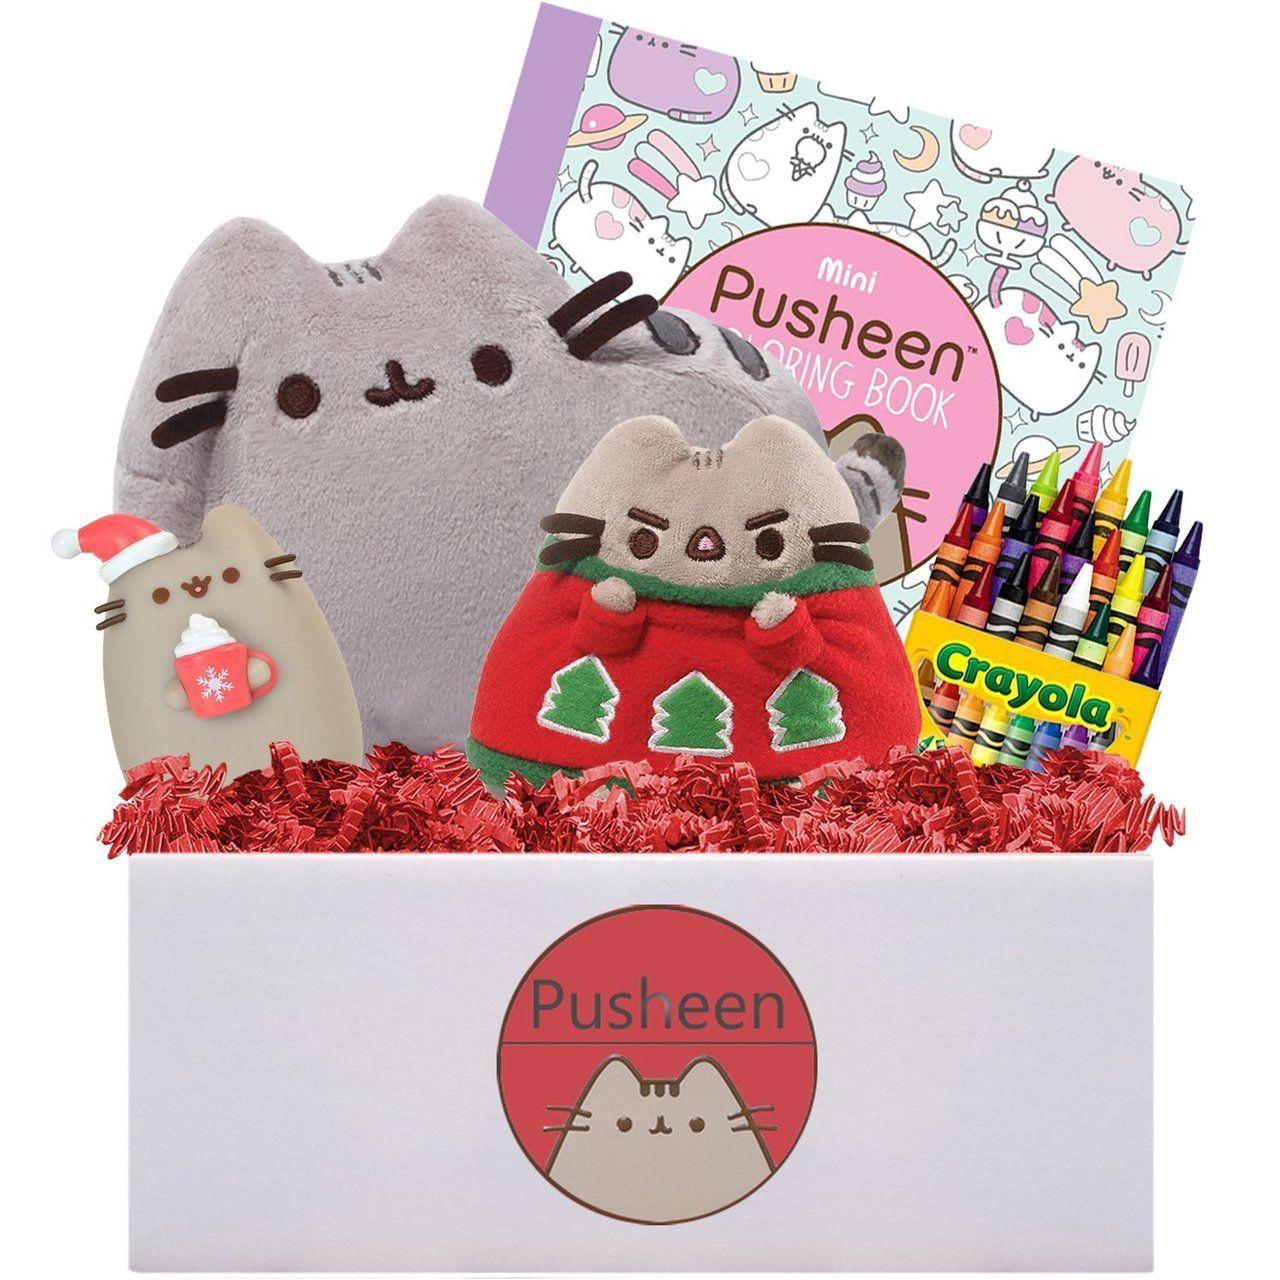 GUND PUSHEEN Christmas Gift Box, 10 inches - Bluebasilgifts.com